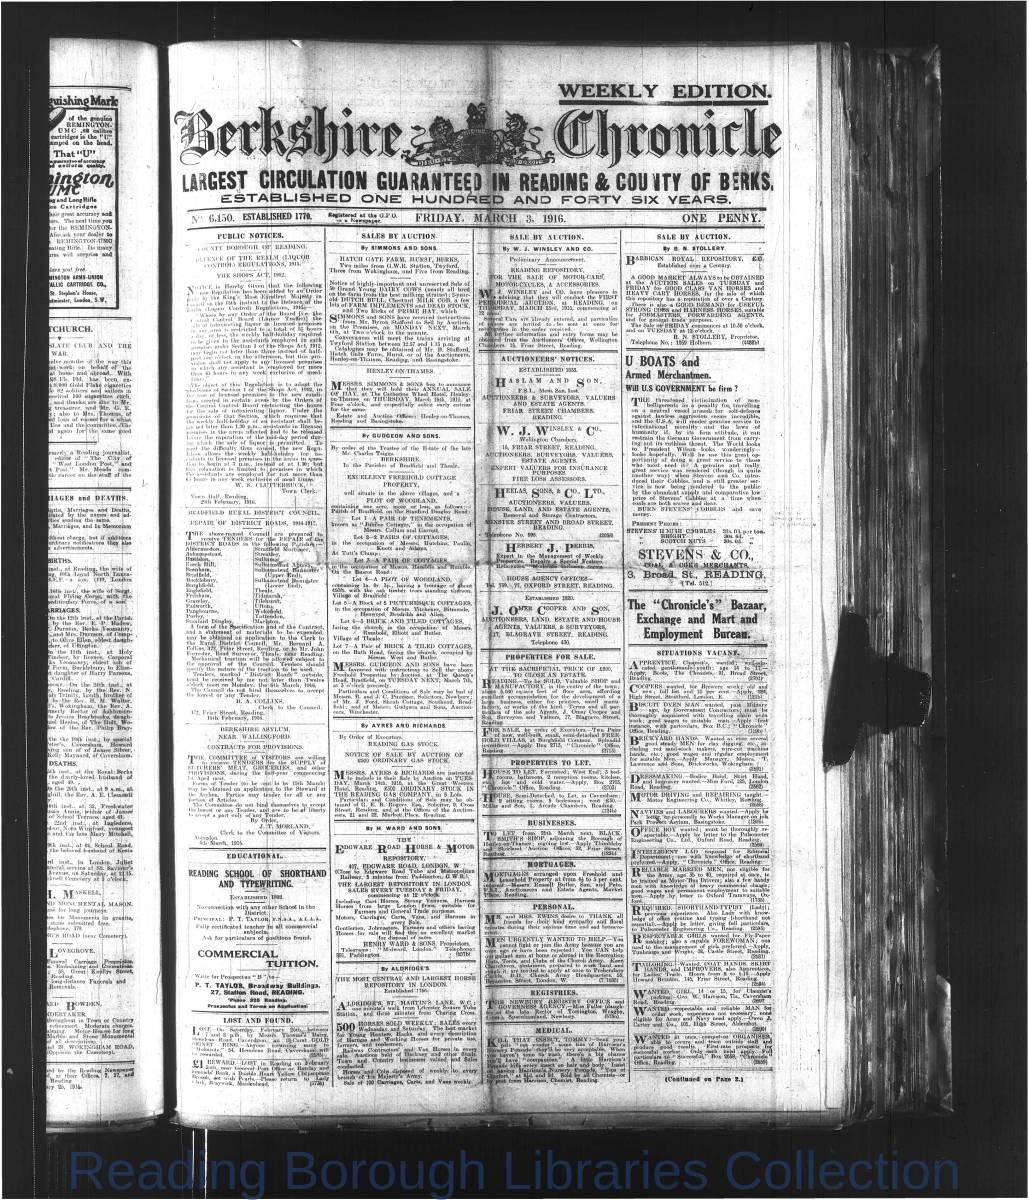 Berkshire Chronicle Reading_03-03-1916_00002.jpg